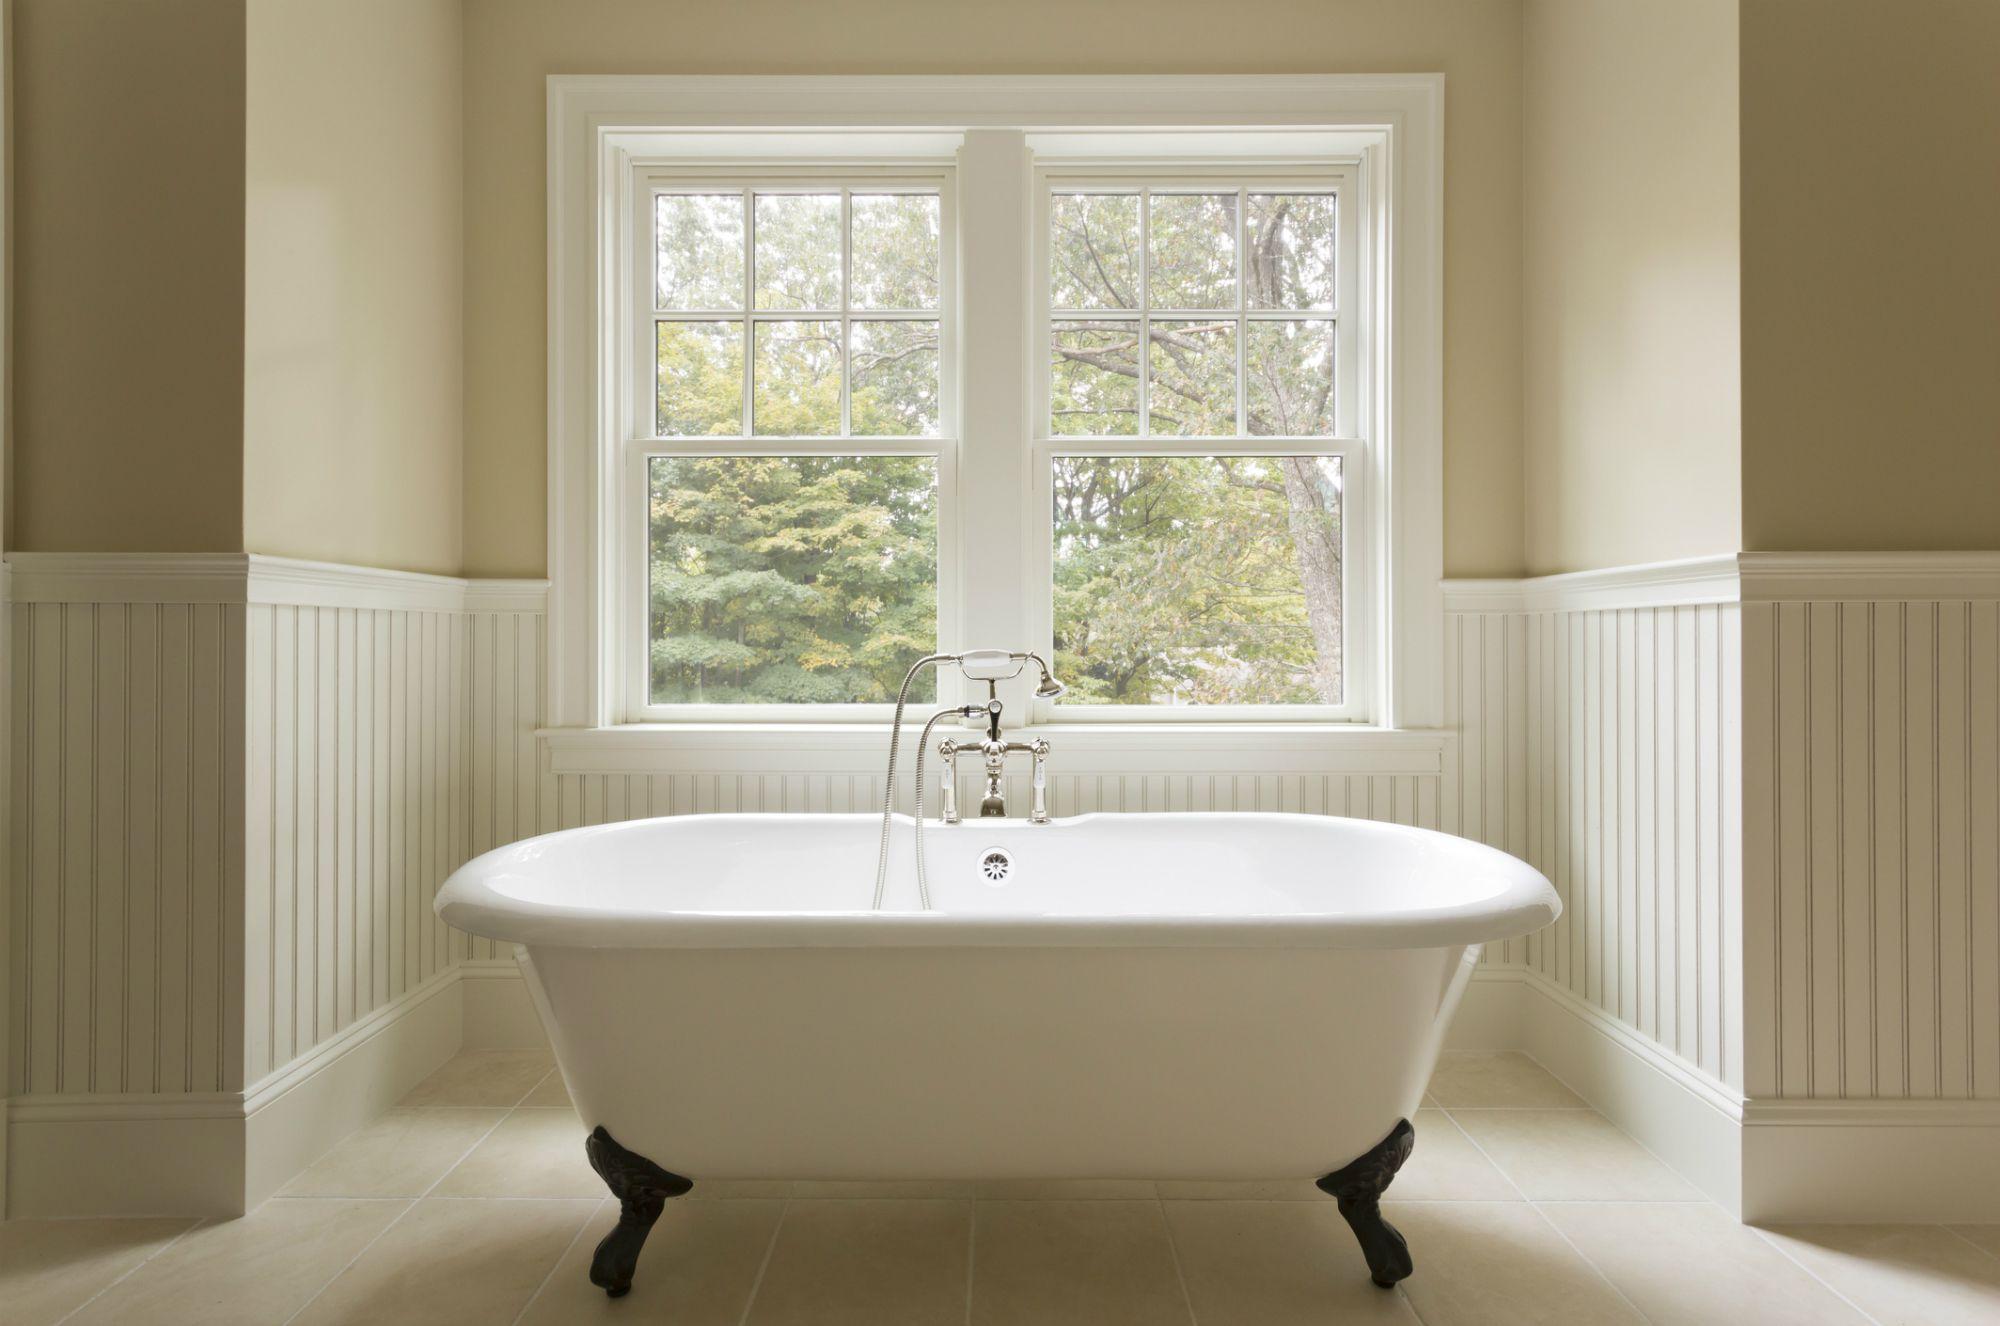 Style A Bathroom With Clawfoot Tub